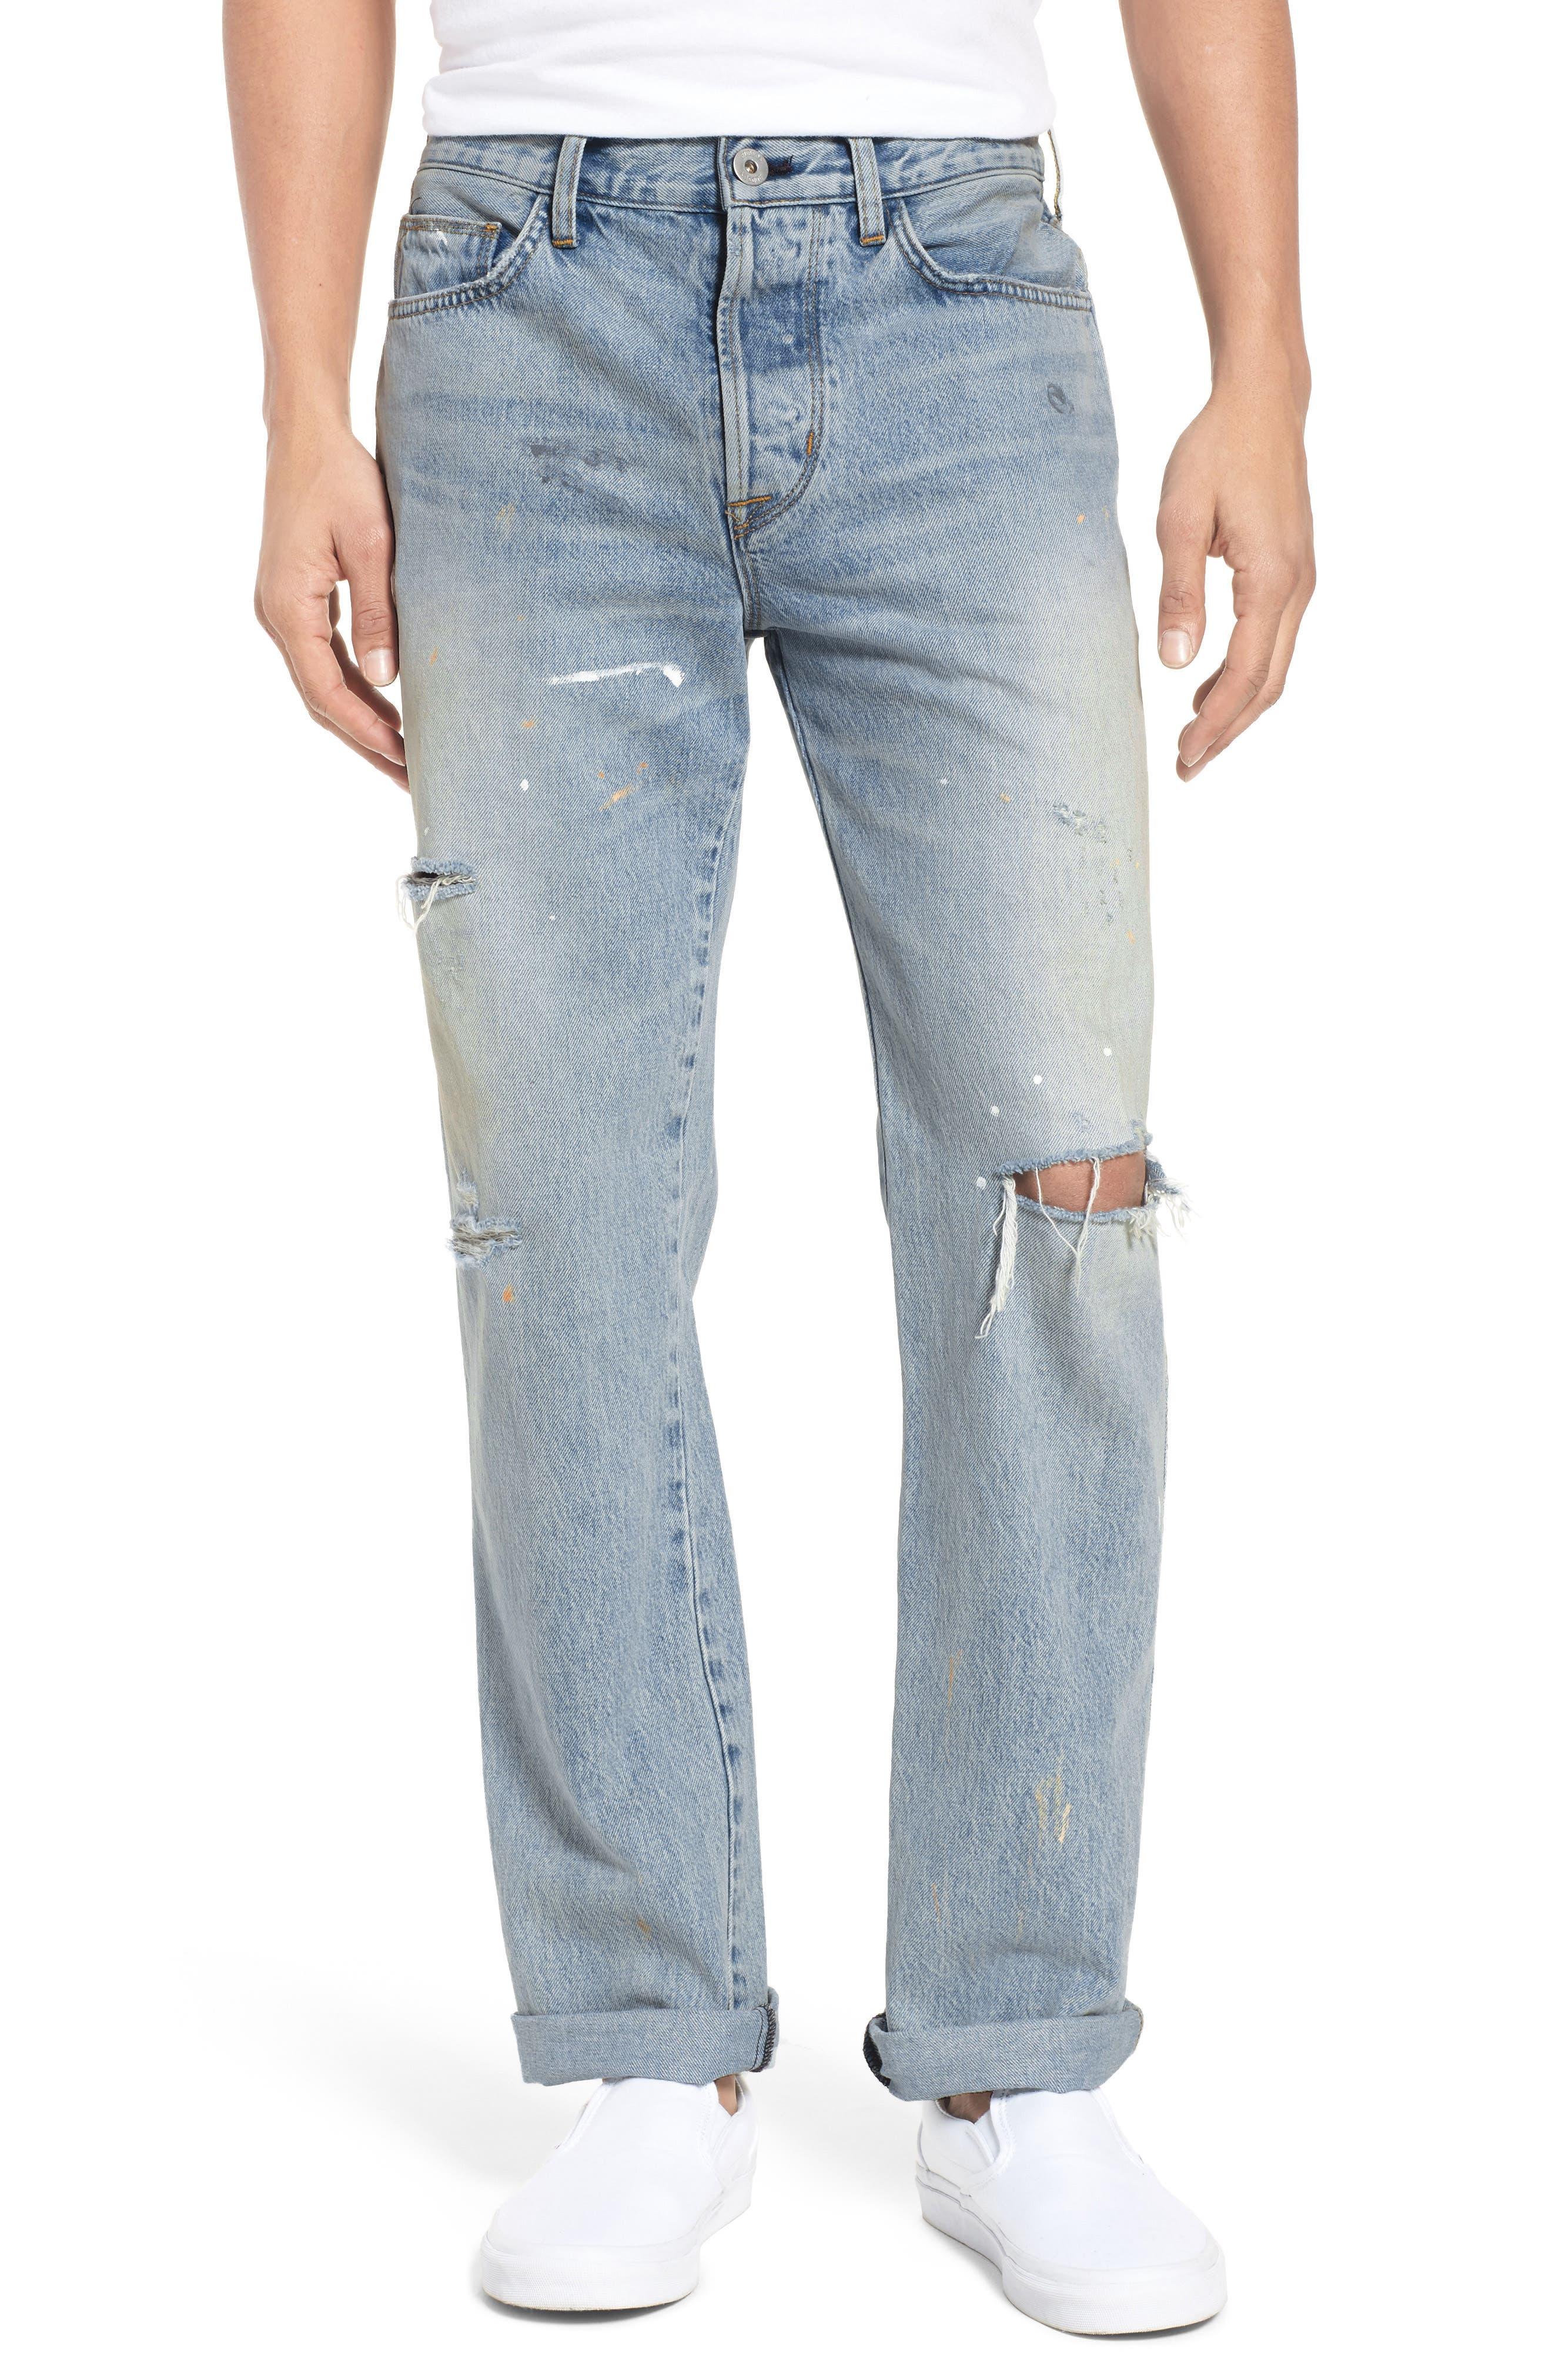 Dixon Straight Fit Jeans,                         Main,                         color, 451